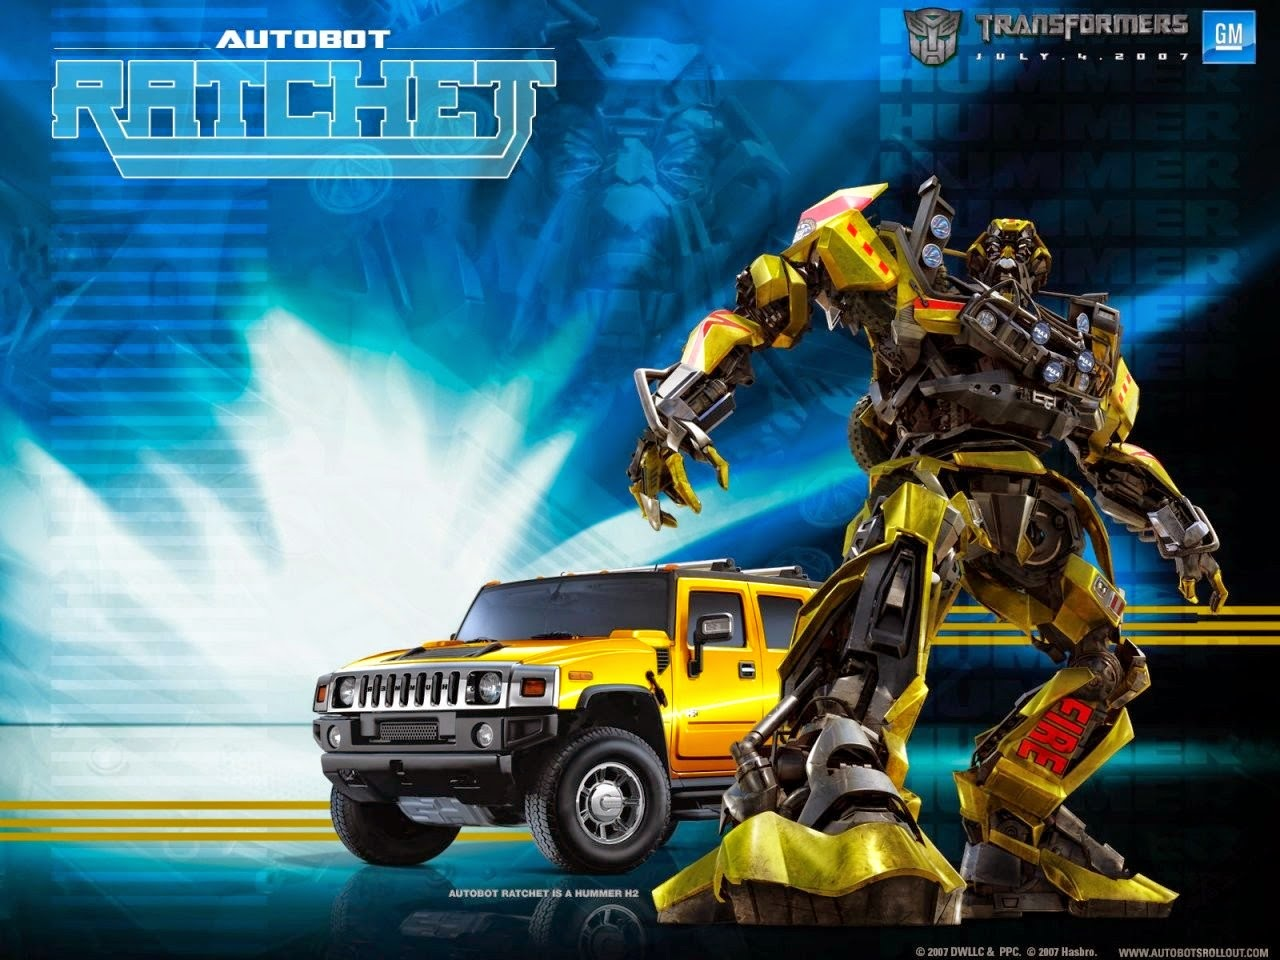 Ratchet Autobot Transformers Wallpaper Hd Wallpaper